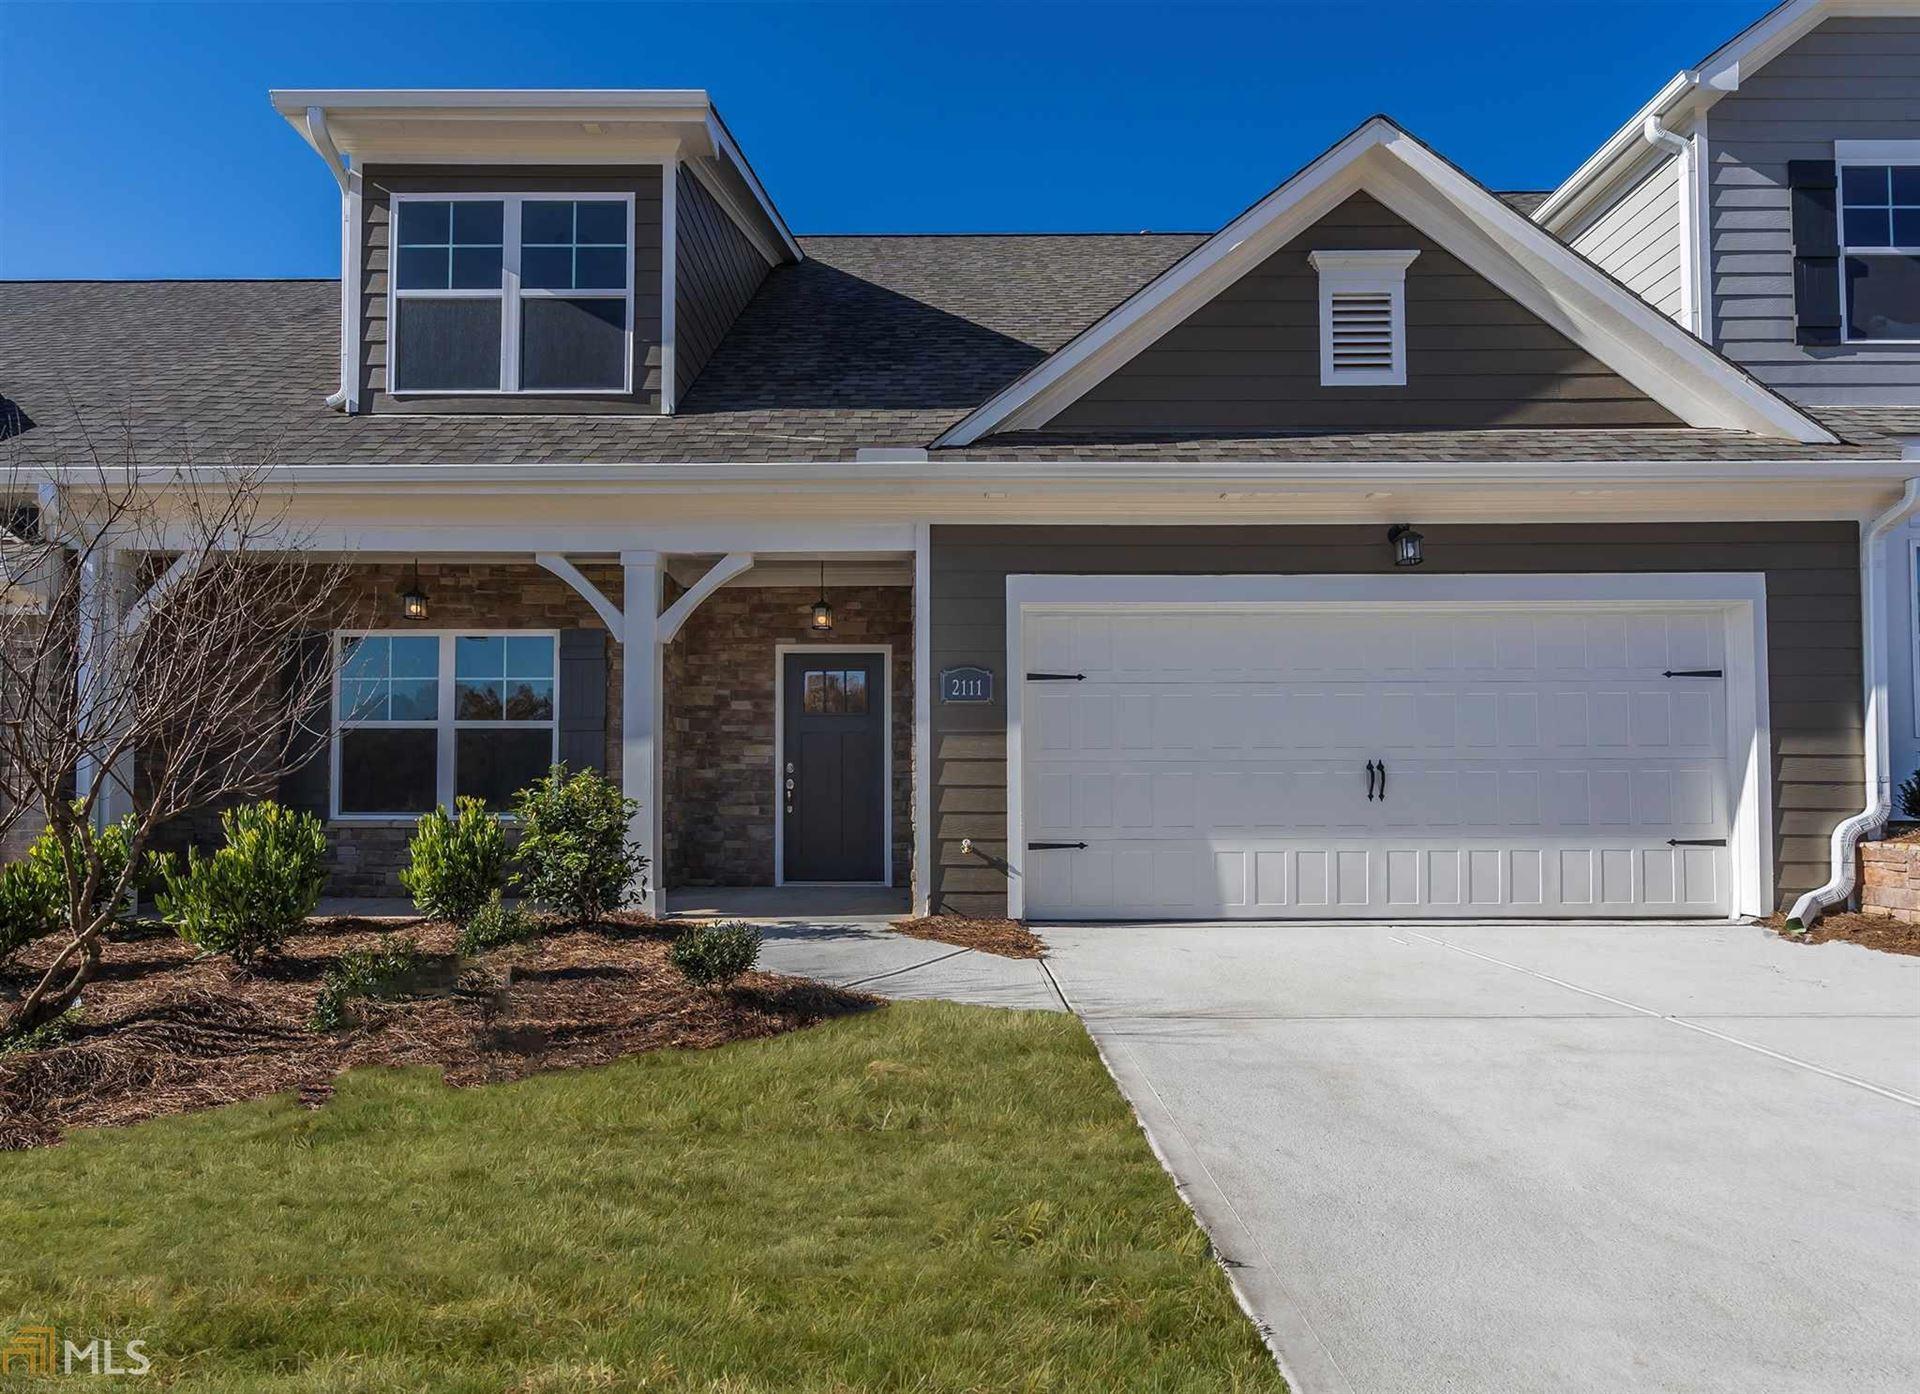 1637 Short Shadown Ln, Snellville, GA 30078 - MLS#: 8871367